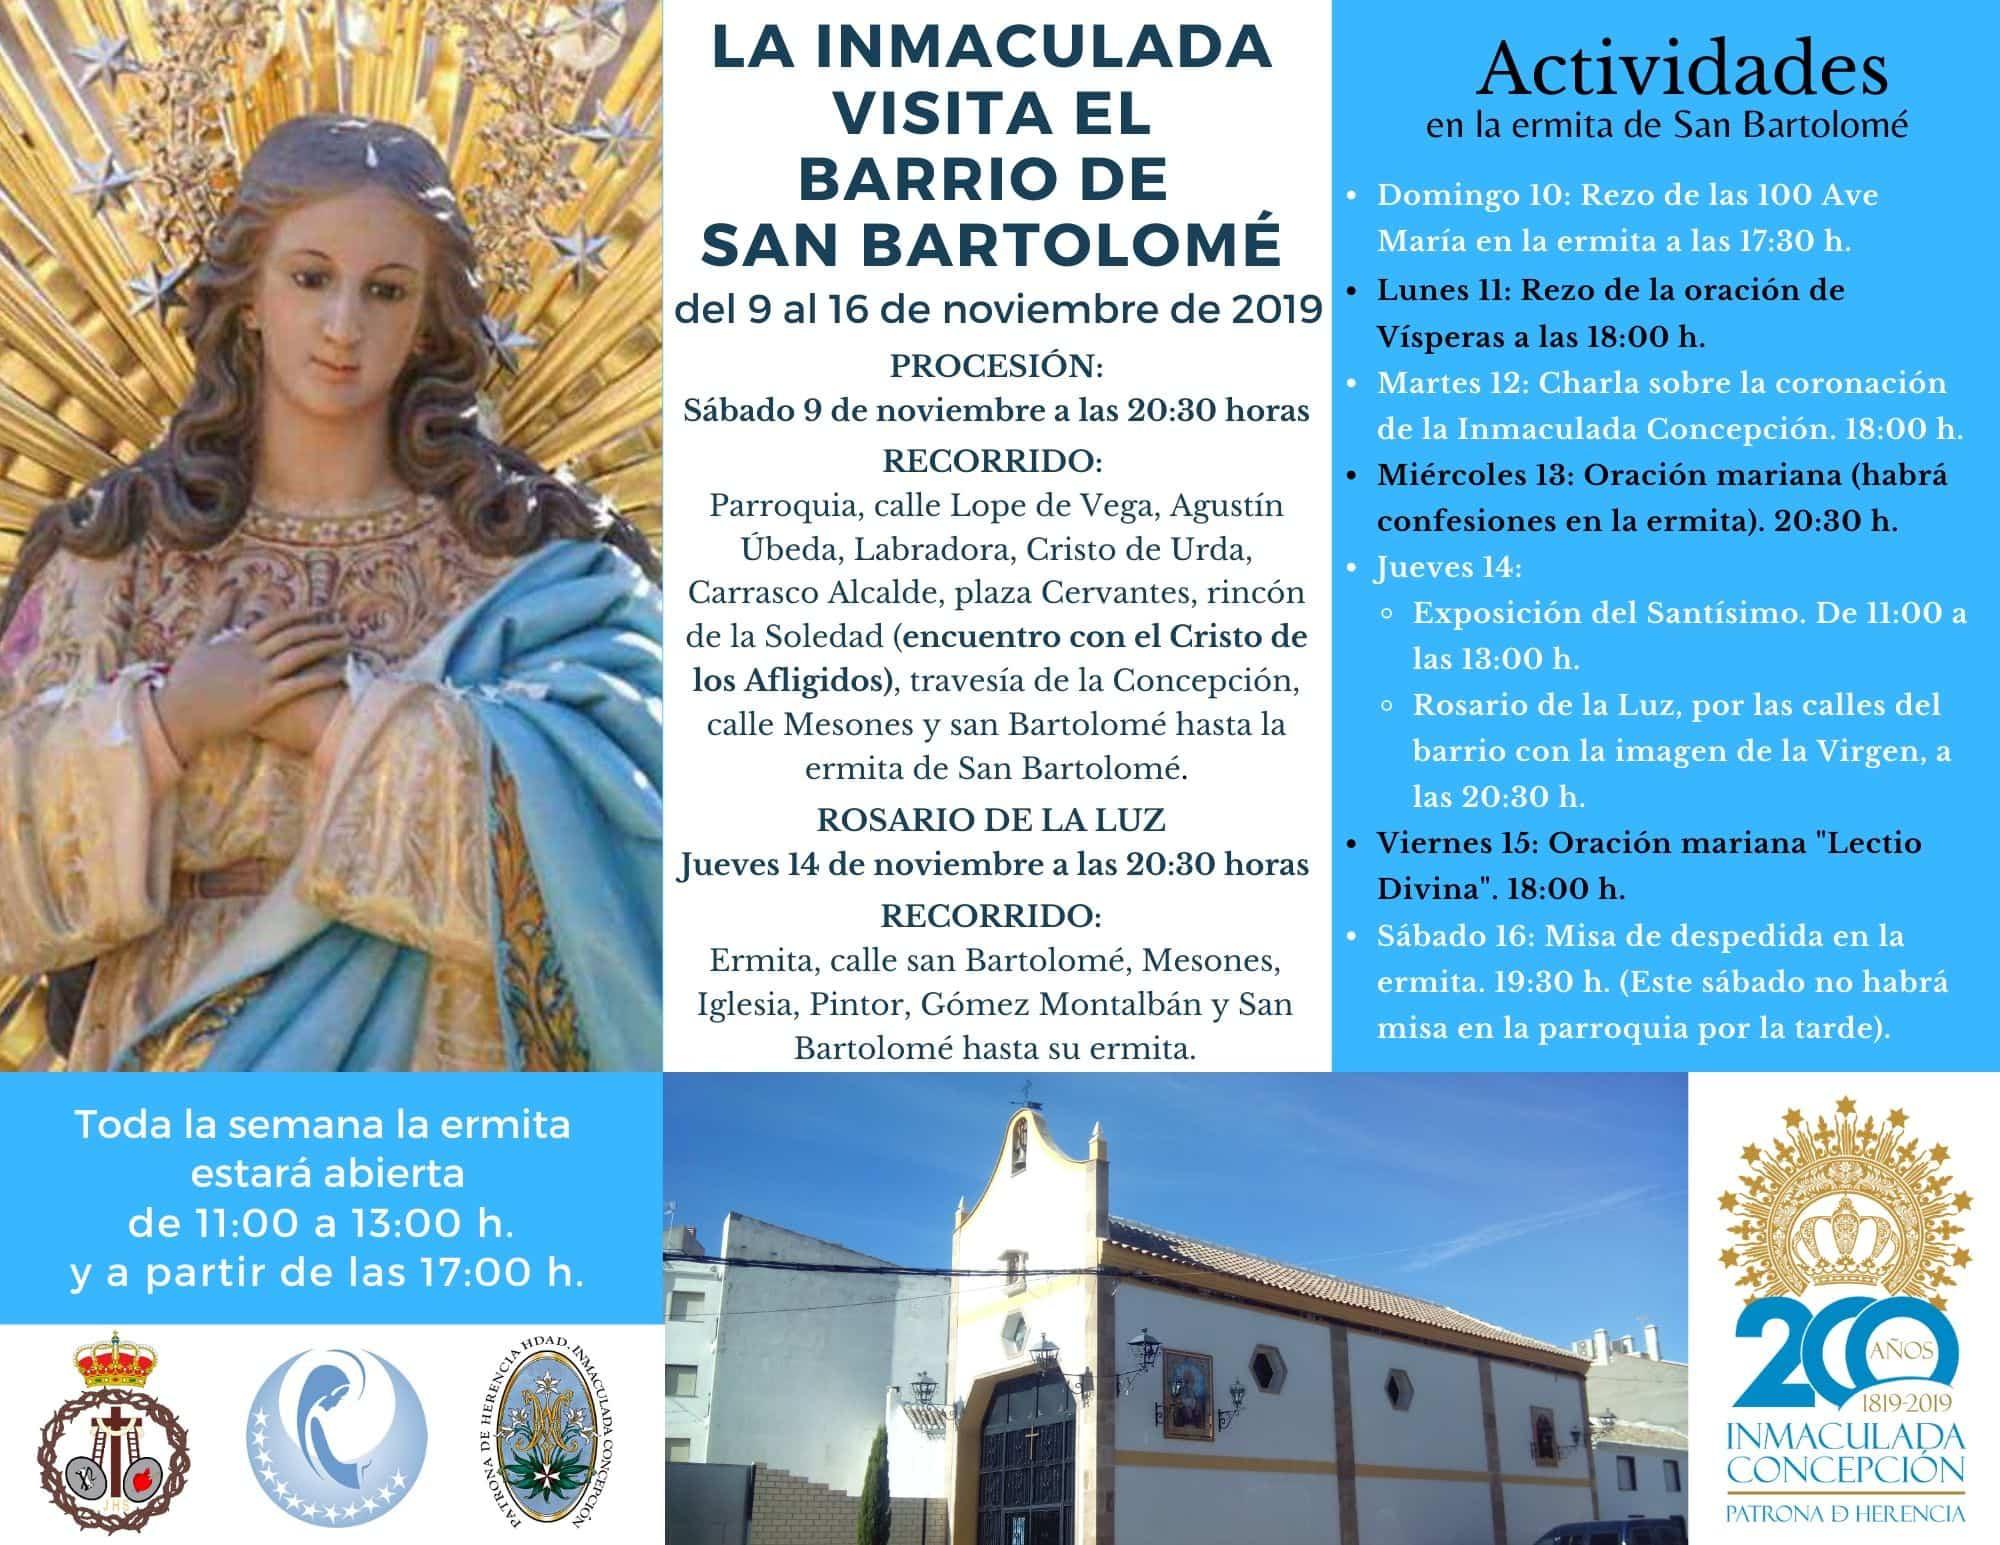 La Inmaculada visita el barrio de San Bartolomé 3